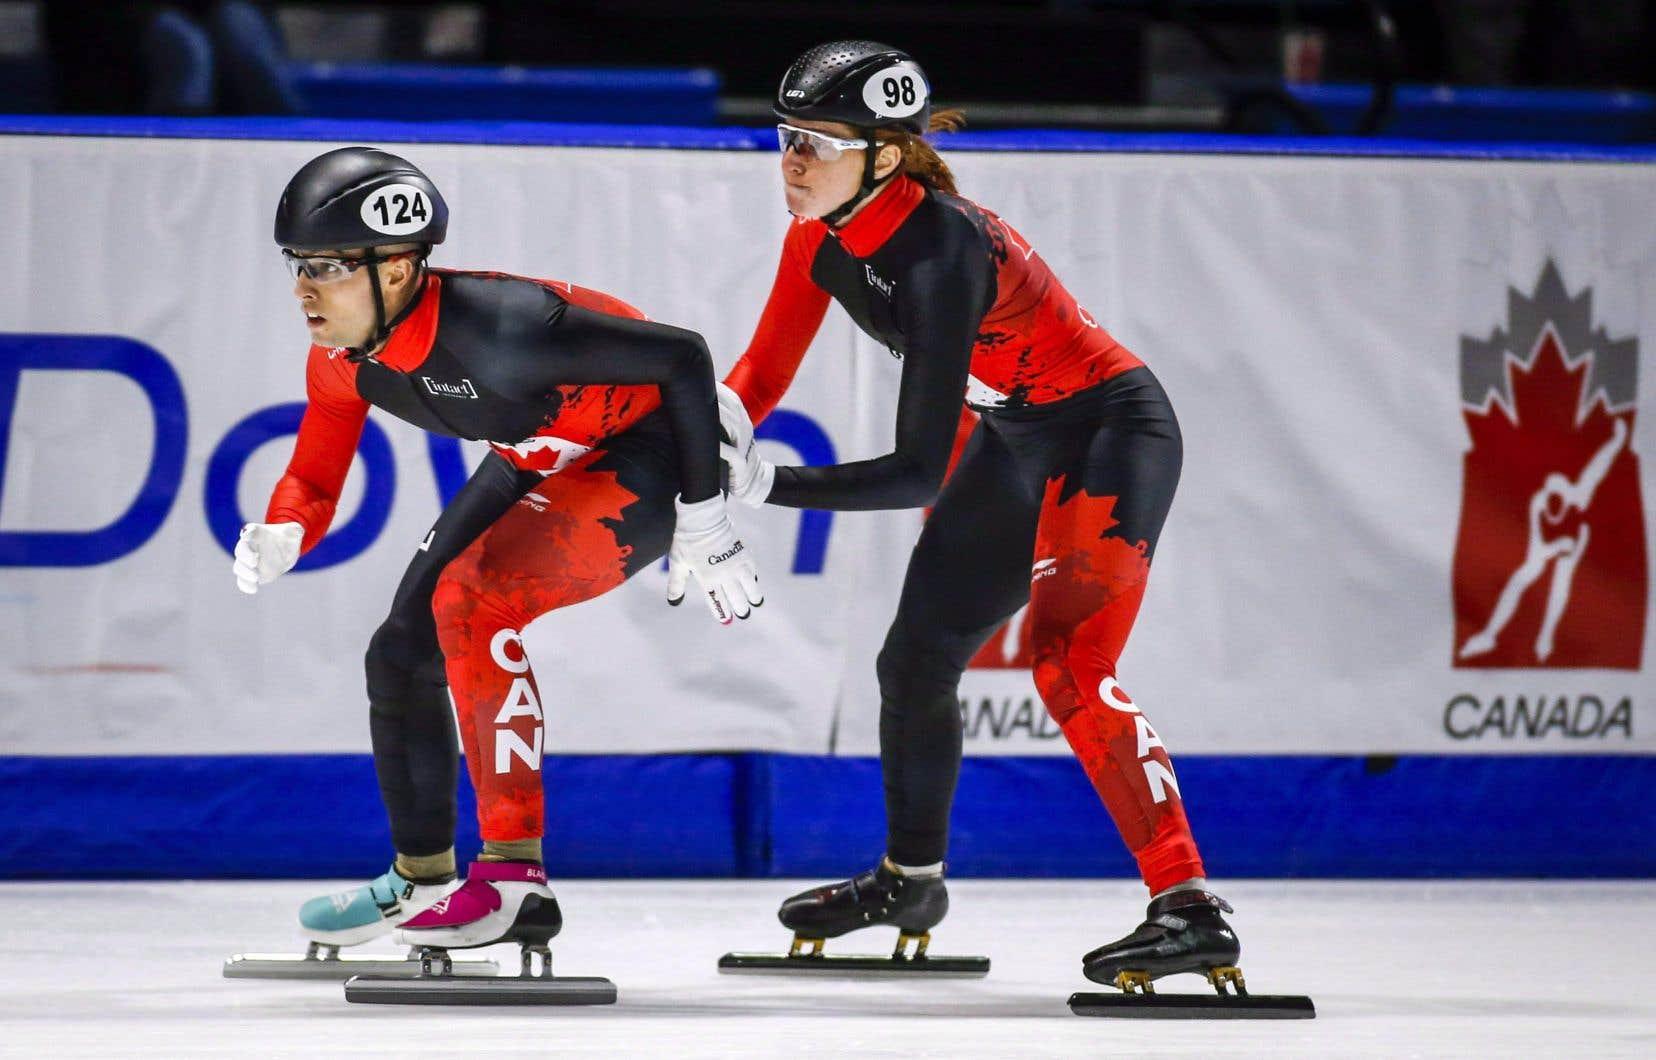 «Je suis assez excitée», a admis Camille De Serres-Rainville (à droite), qui effectue un retour à la compétition après s'être absentée pendant près d'un an à cause des blessures.